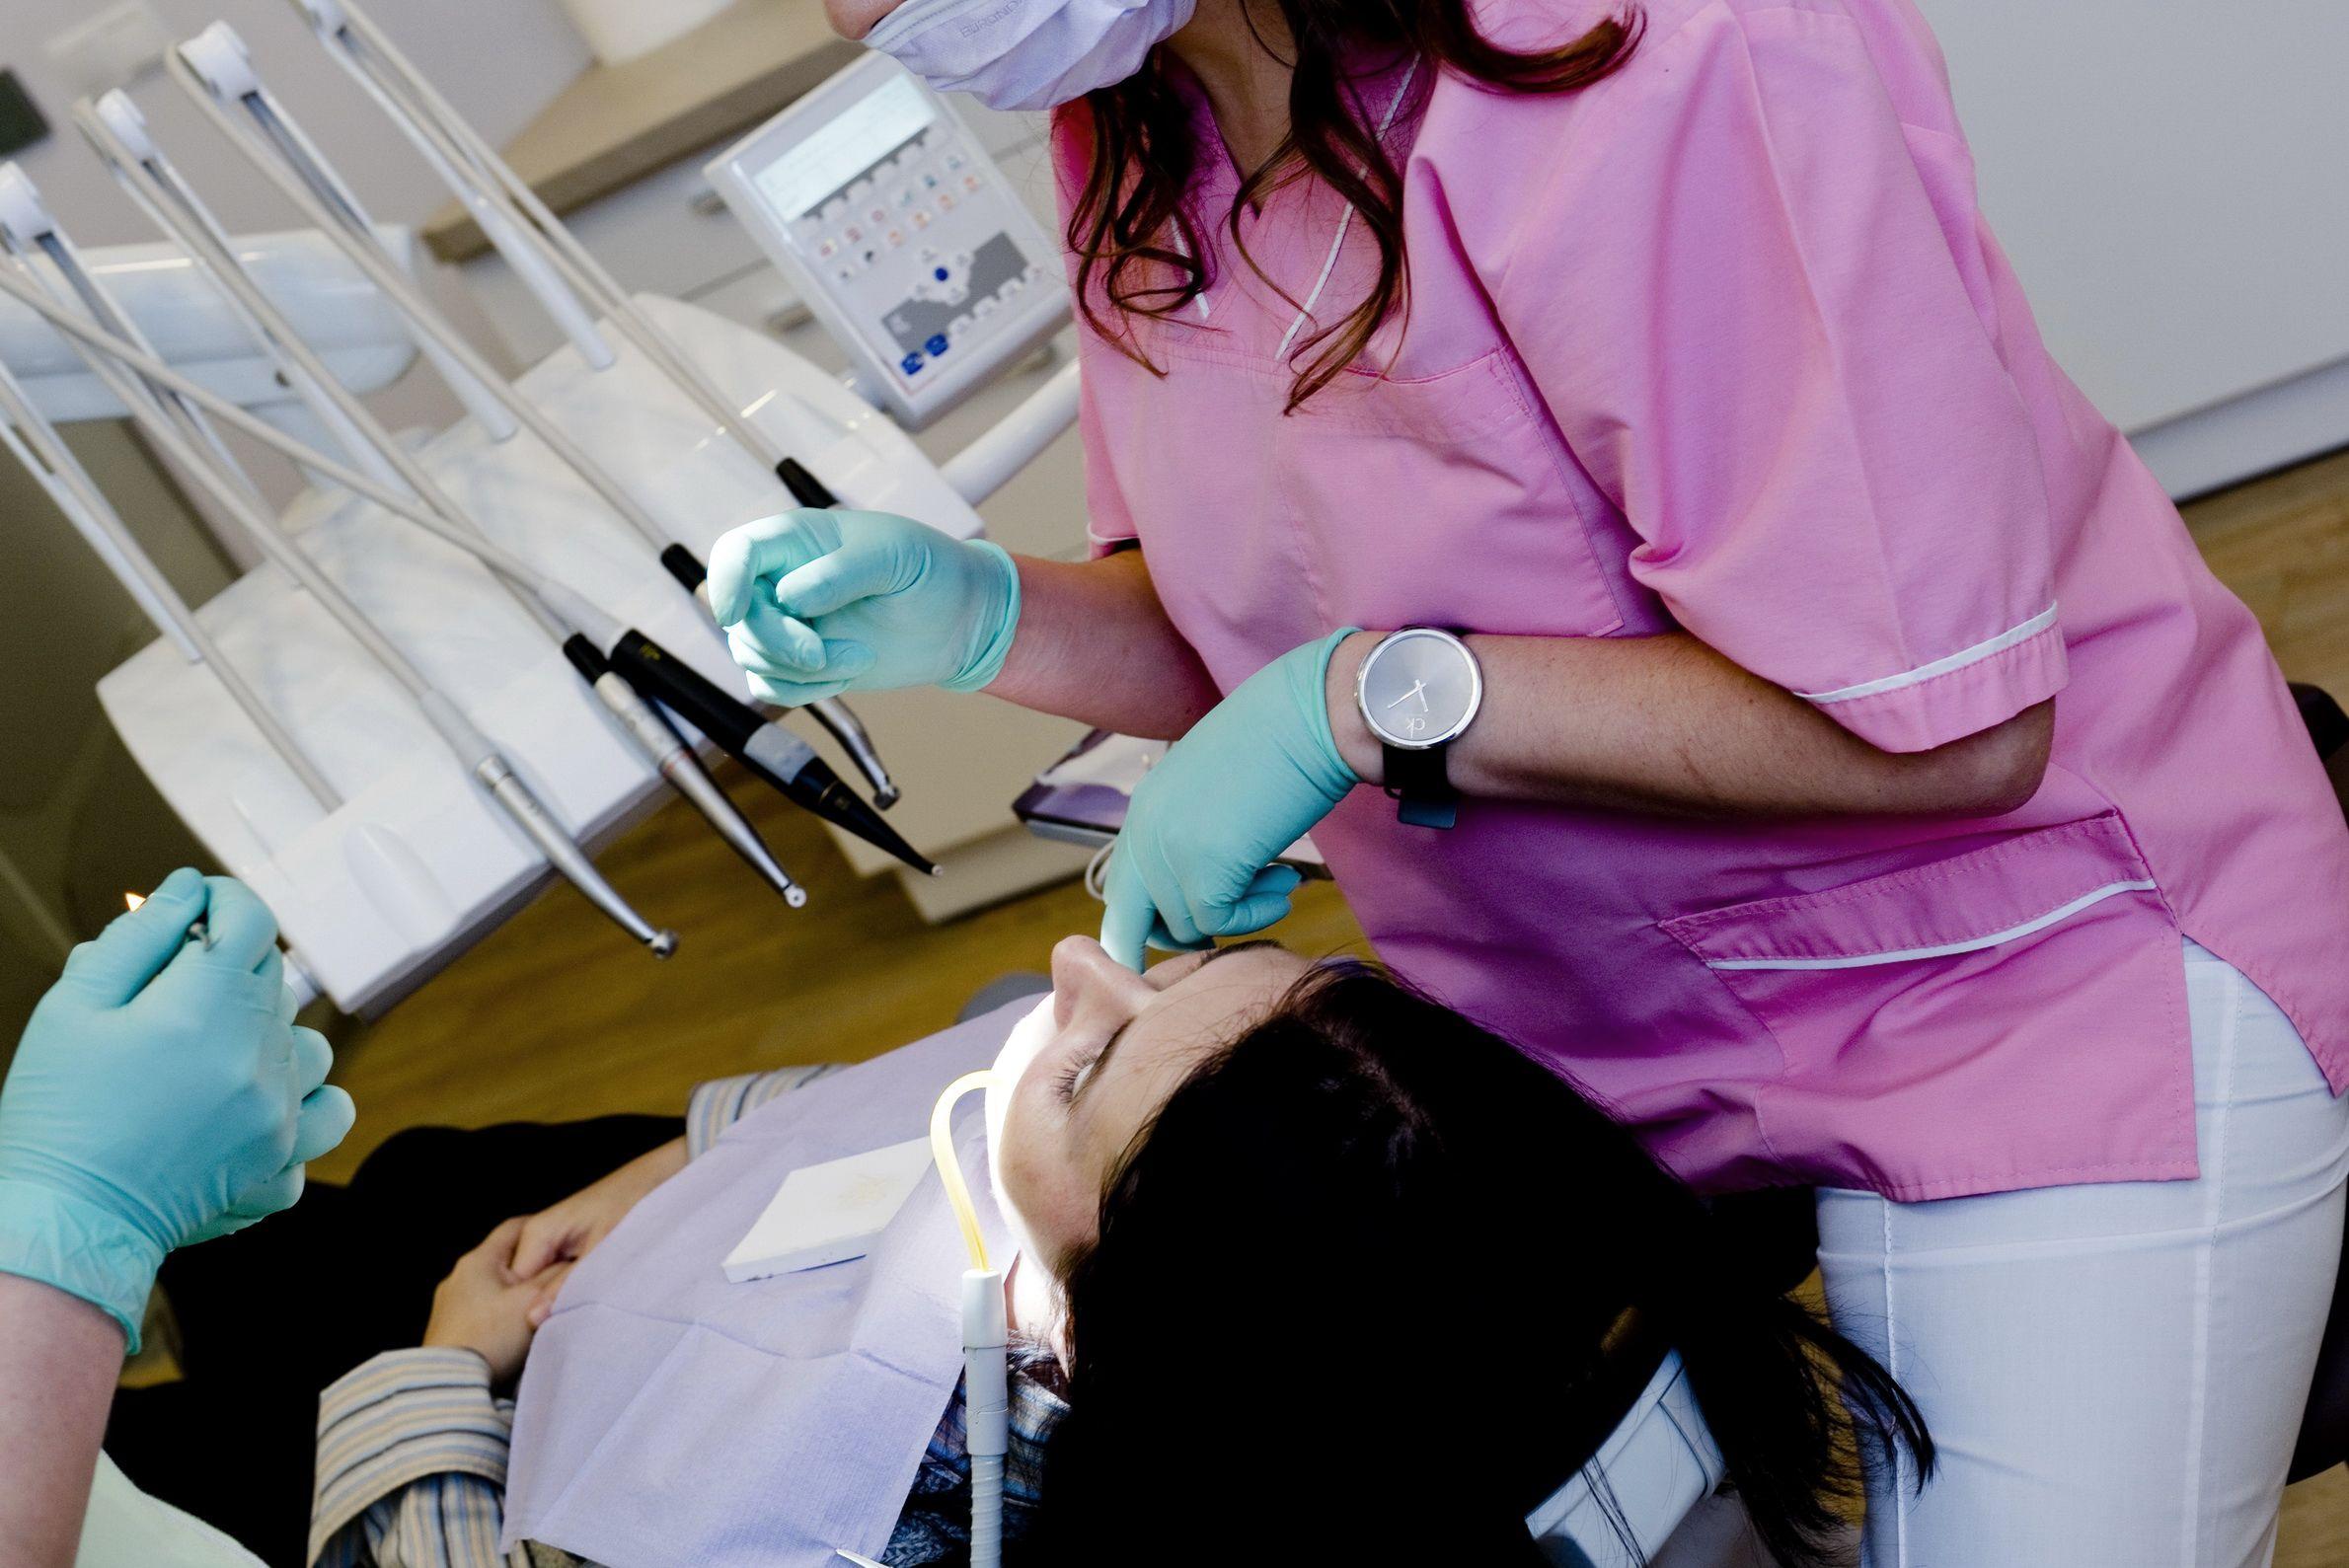 Dantistė taiso dantis